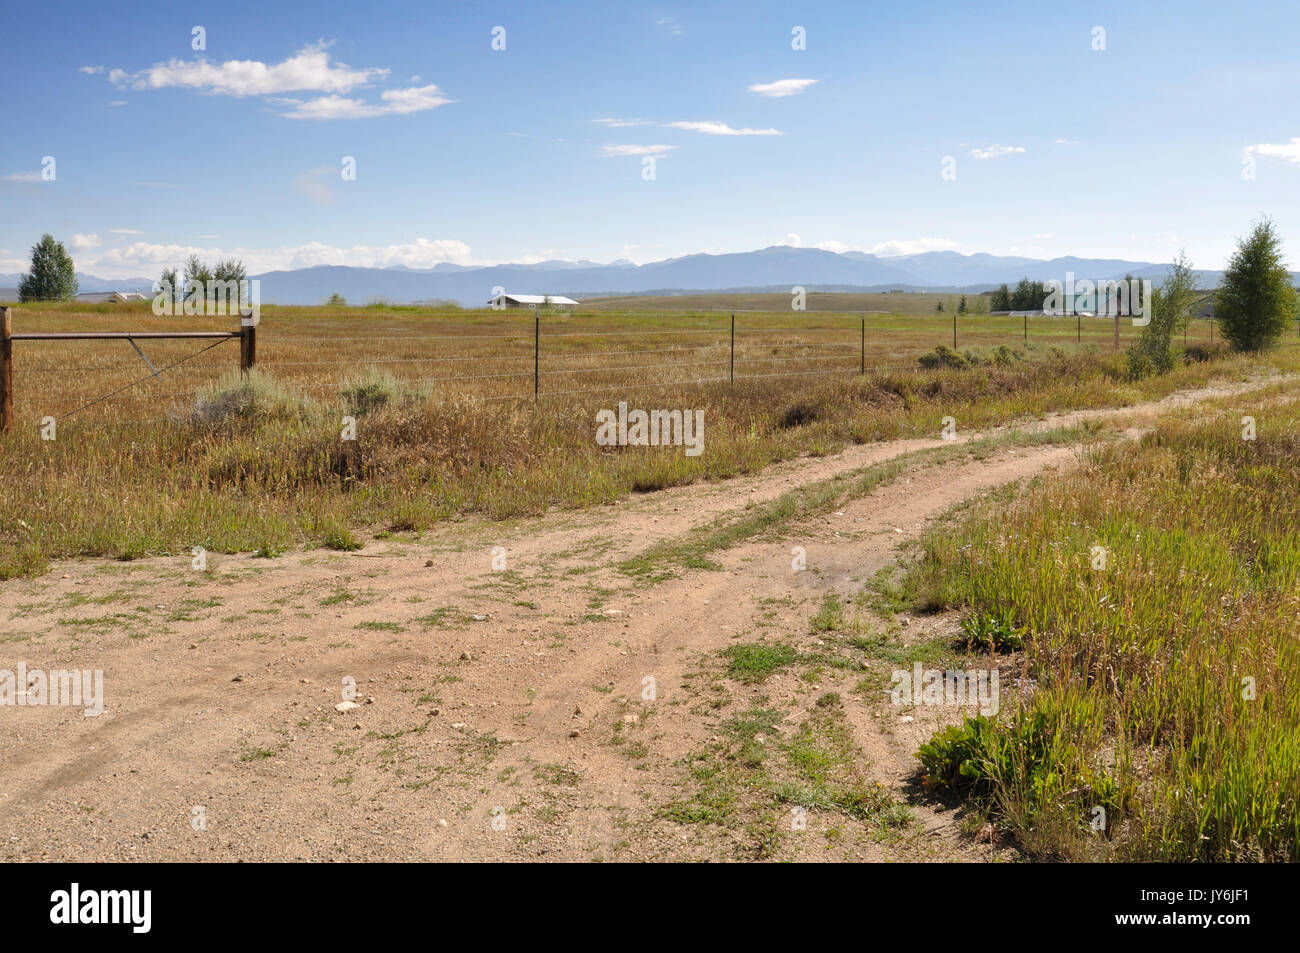 Schmutz der Straße von einer Wiese in Colorado. Die Rocky Mountains sind im Hintergrund. Stockbild